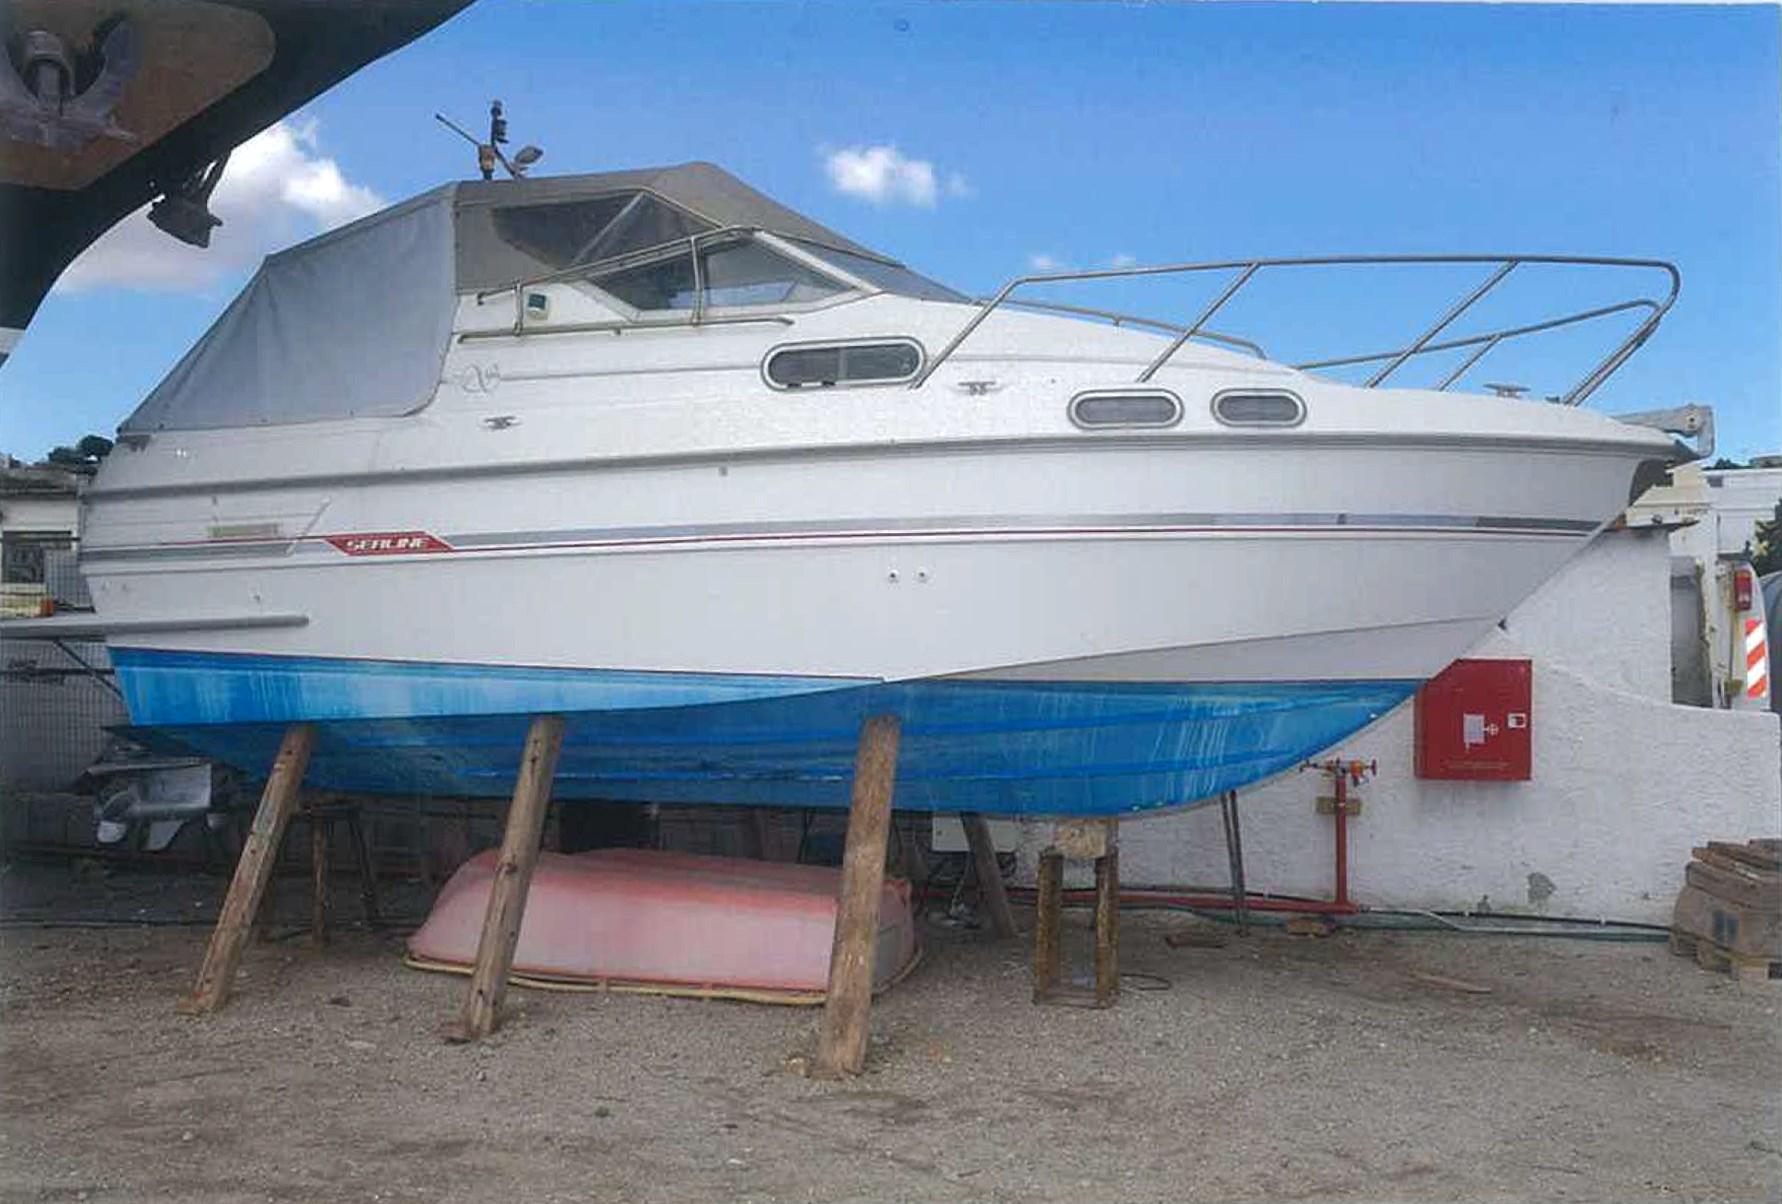 Πωλείται σκάφος 255 SENATOR SEA LINE Αγγλίας (Νέο Μοντέλο)